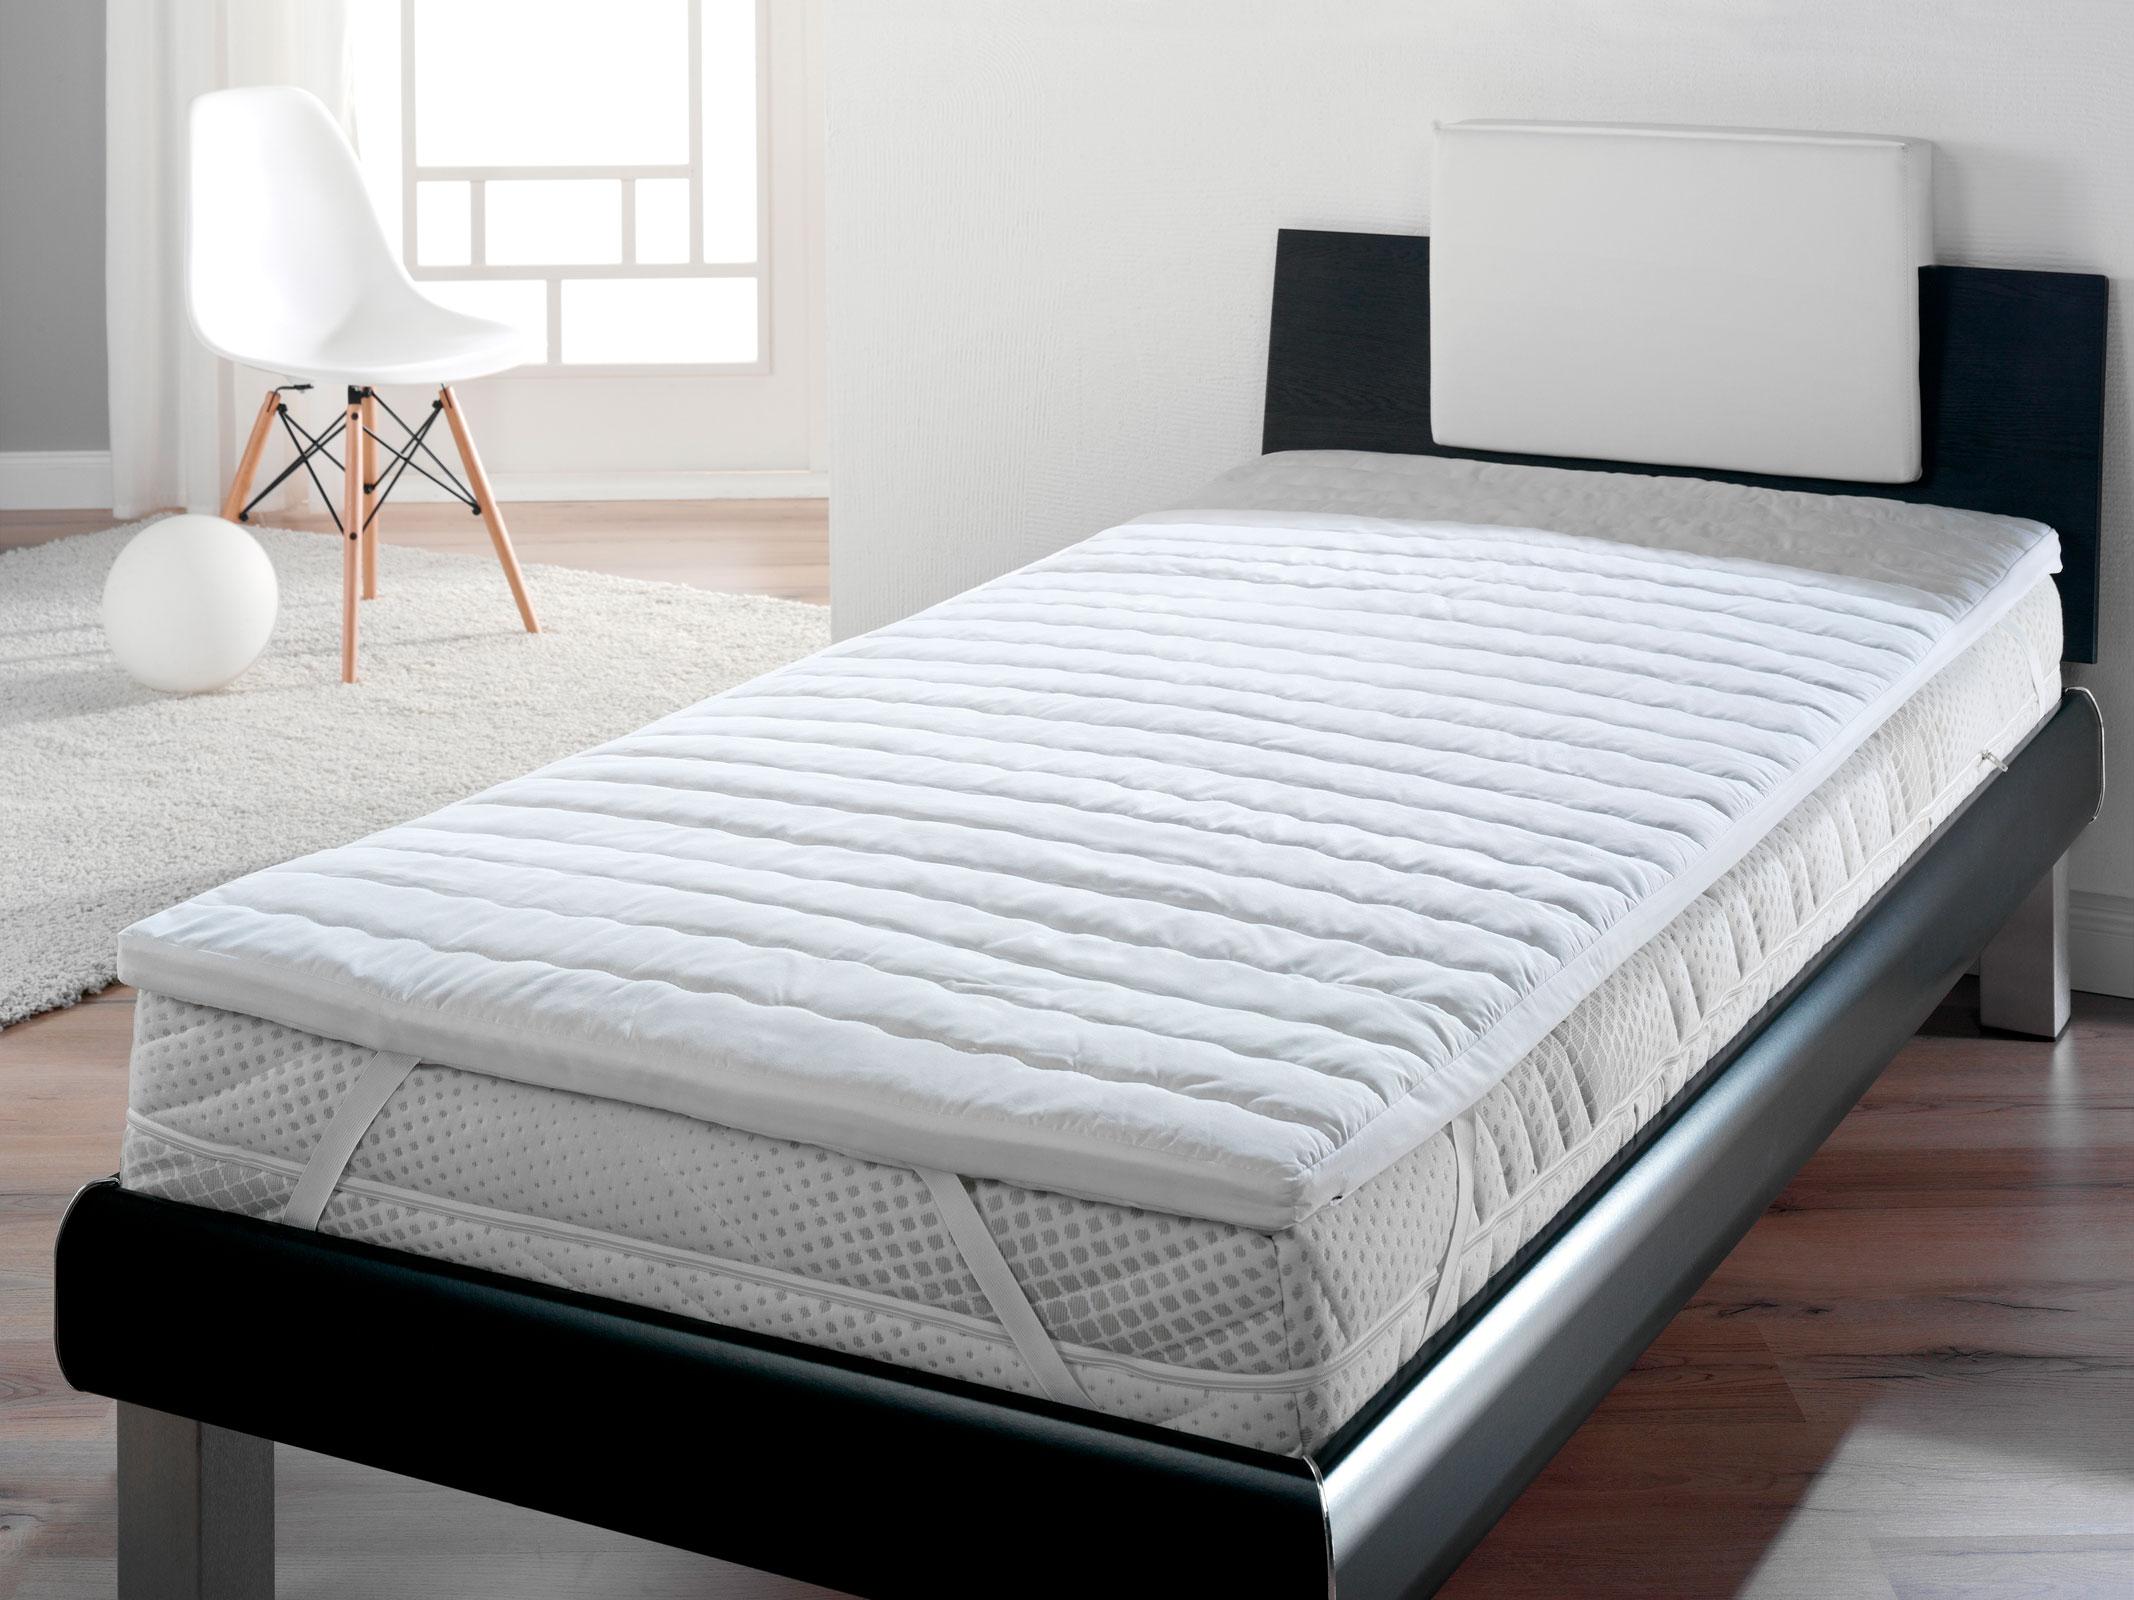 matratzen topper schoner auflage viscoelastisch visco schaum waldkind ebay. Black Bedroom Furniture Sets. Home Design Ideas